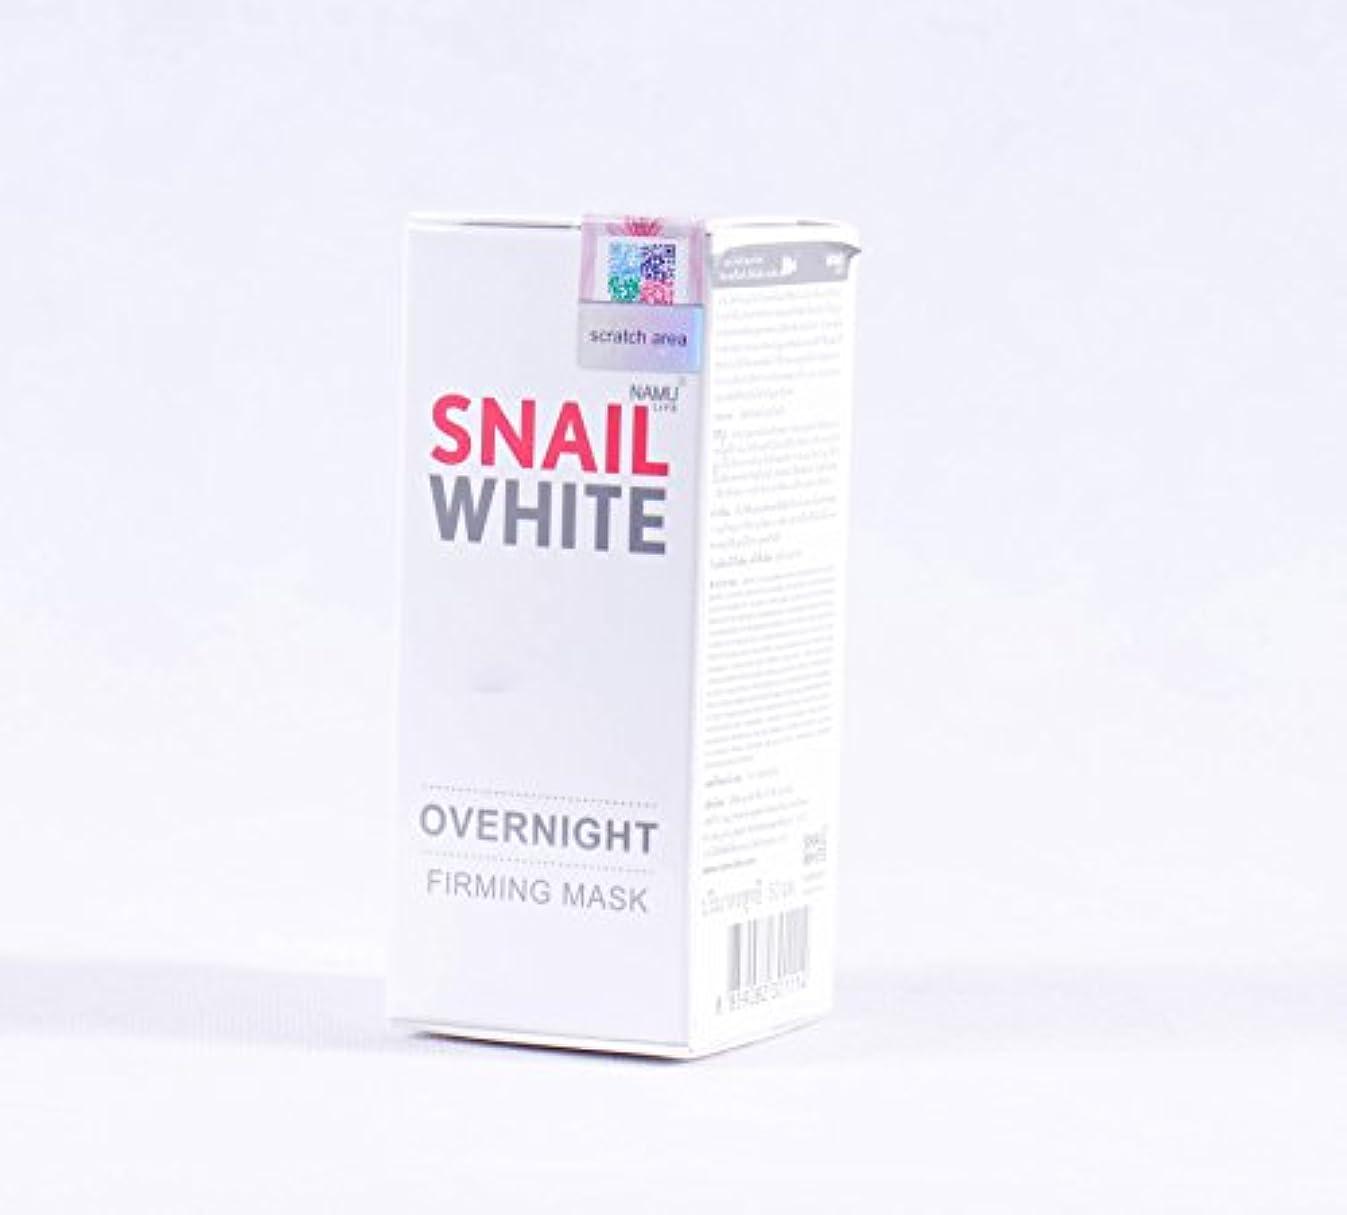 熱心寸法矛盾オーバーナイトファーミングマスク50 ml。 ホワイトニング NAMU LIFE SNAILWHITE OVERNIGHT FIRMING MASK 50 ml.